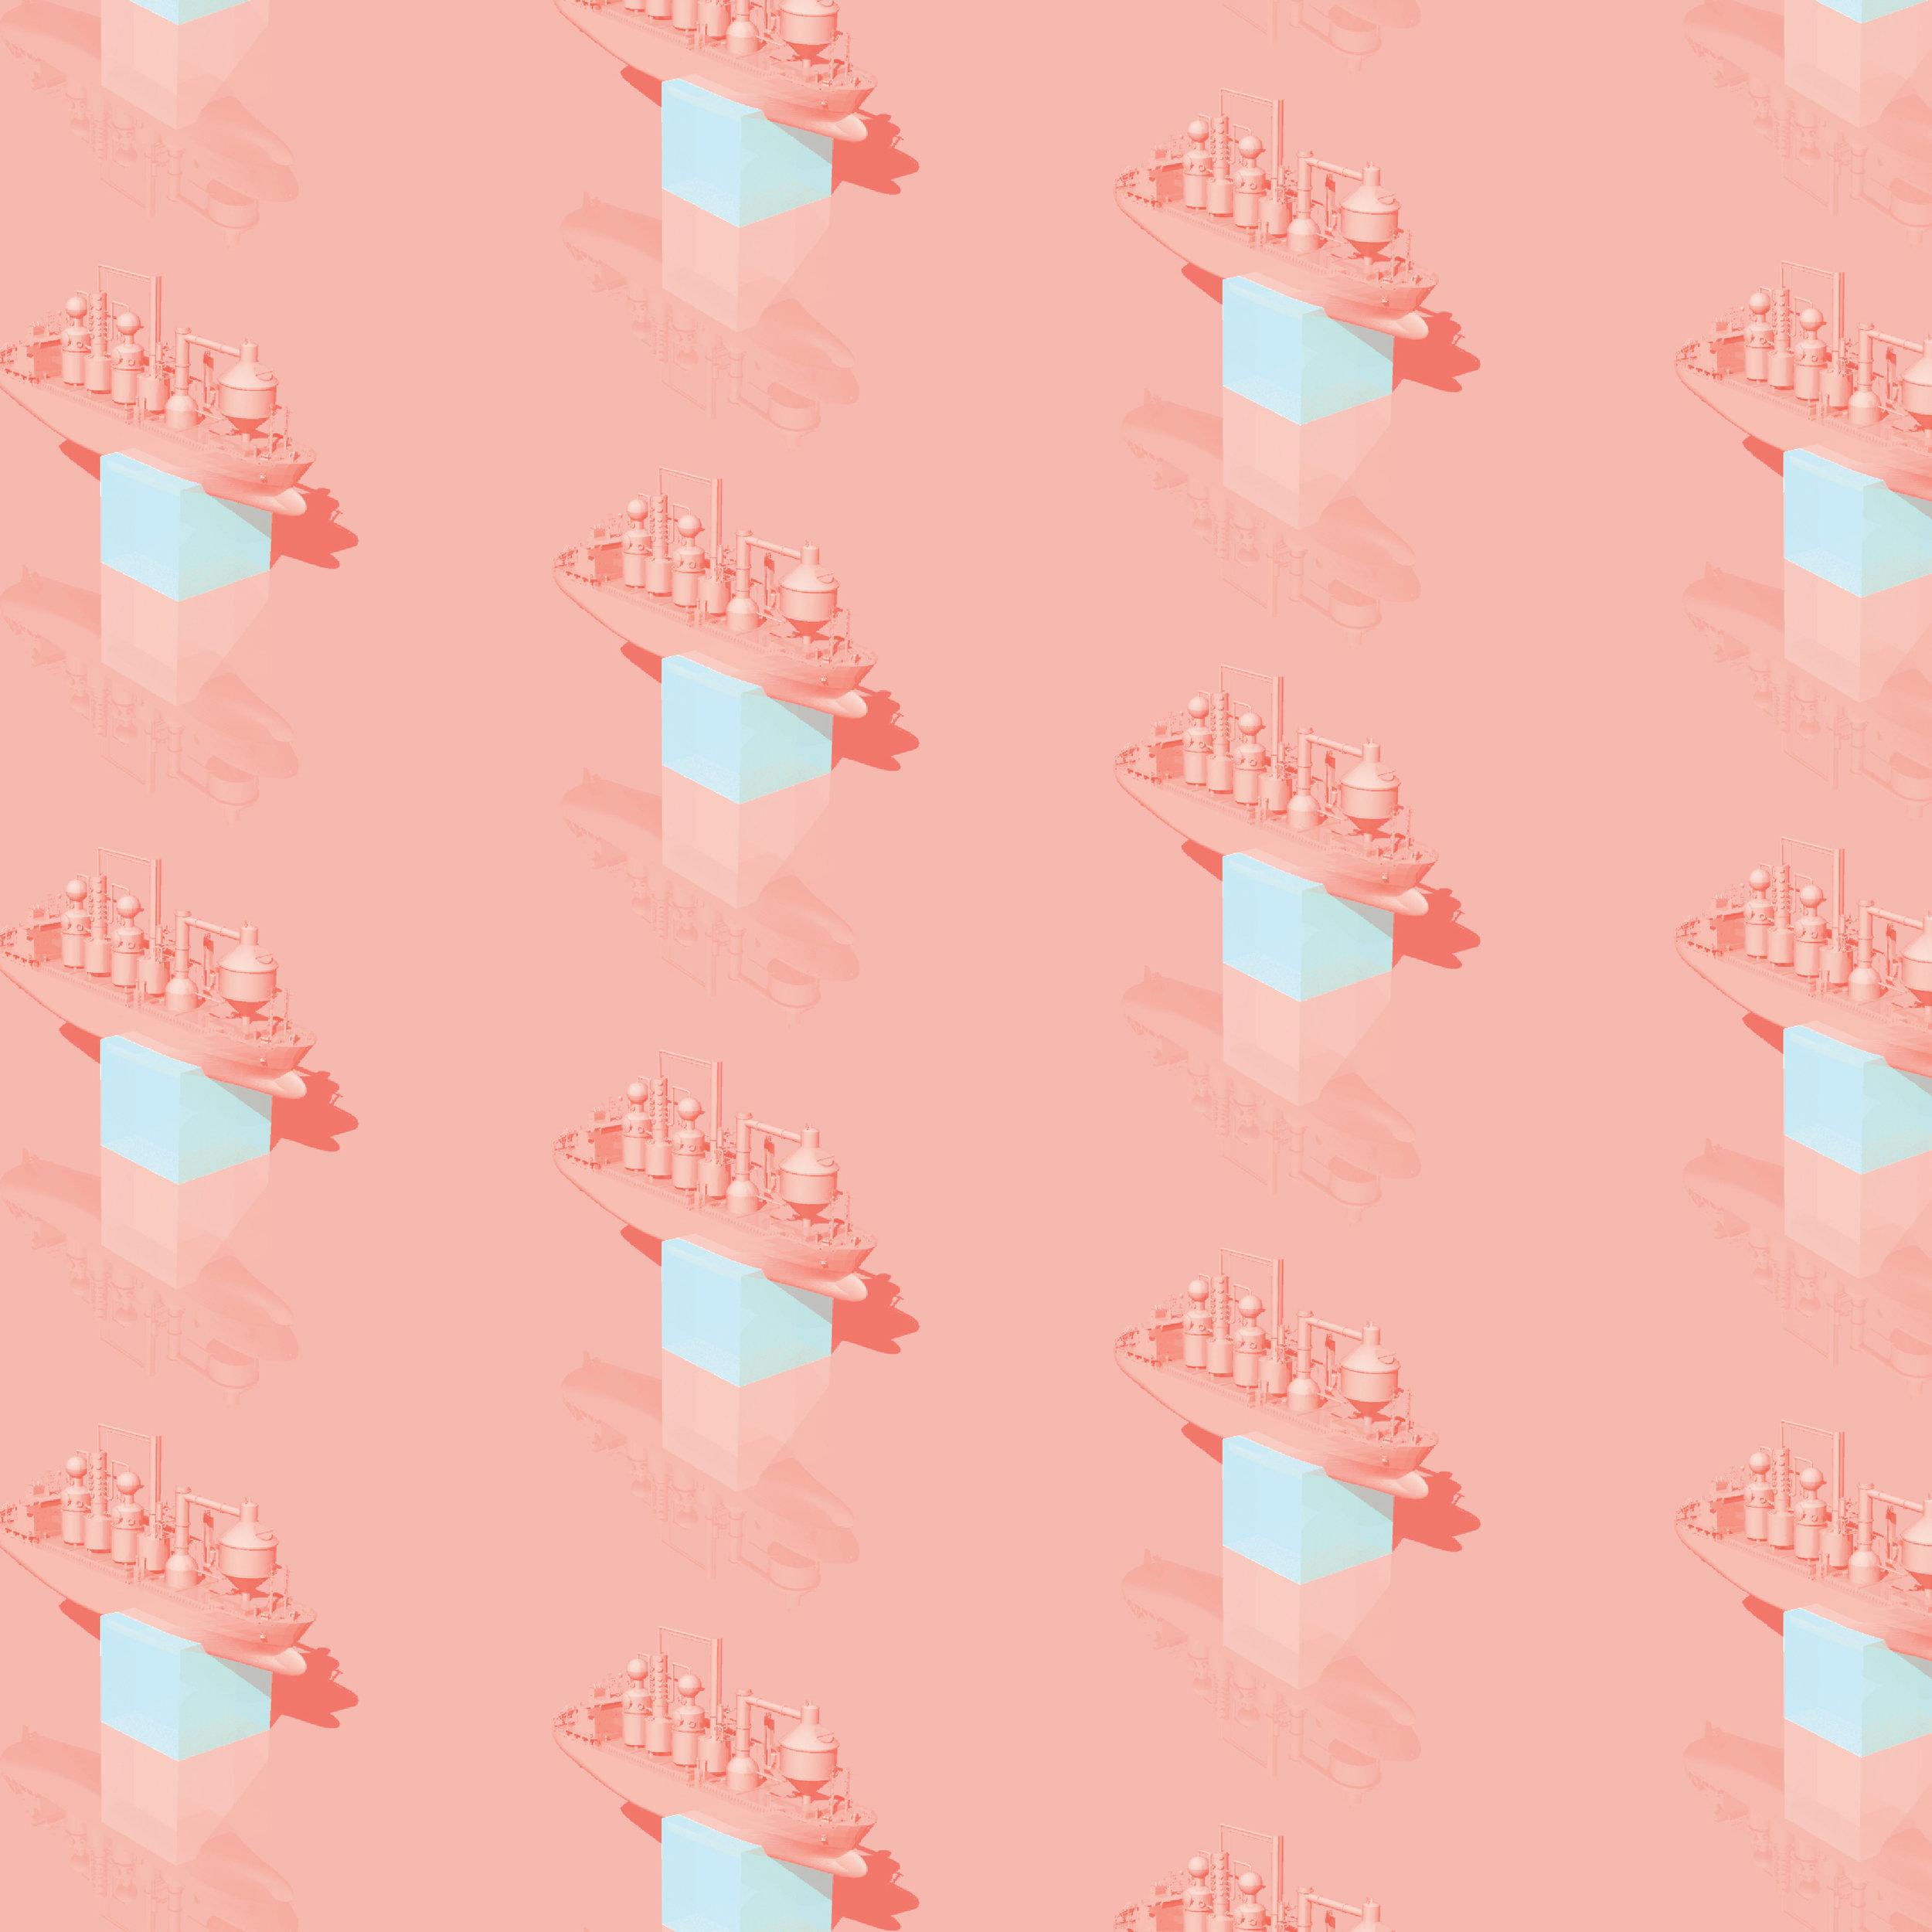 BUDDDDA 3-01.jpg